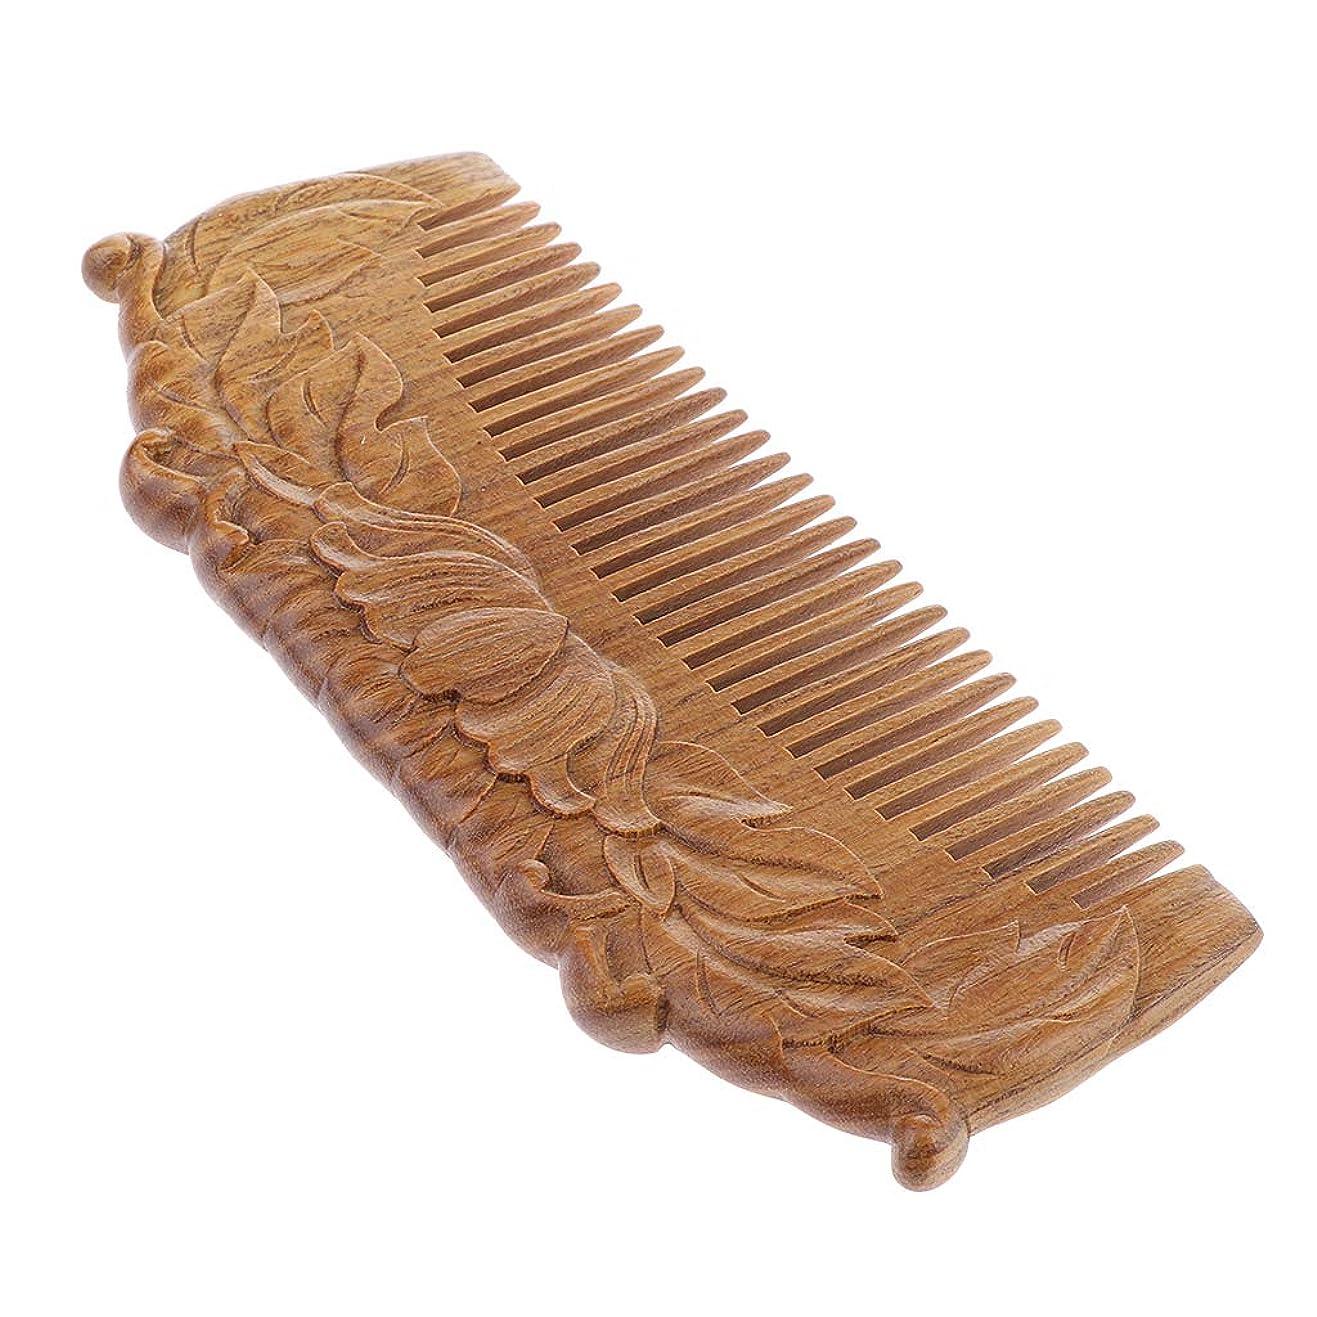 宙返り剪断慈善F Fityle ウッドコーム 木製櫛 高品質 手作り 天然木 帯電防止櫛 頭皮マッサージ ヘアブラシ